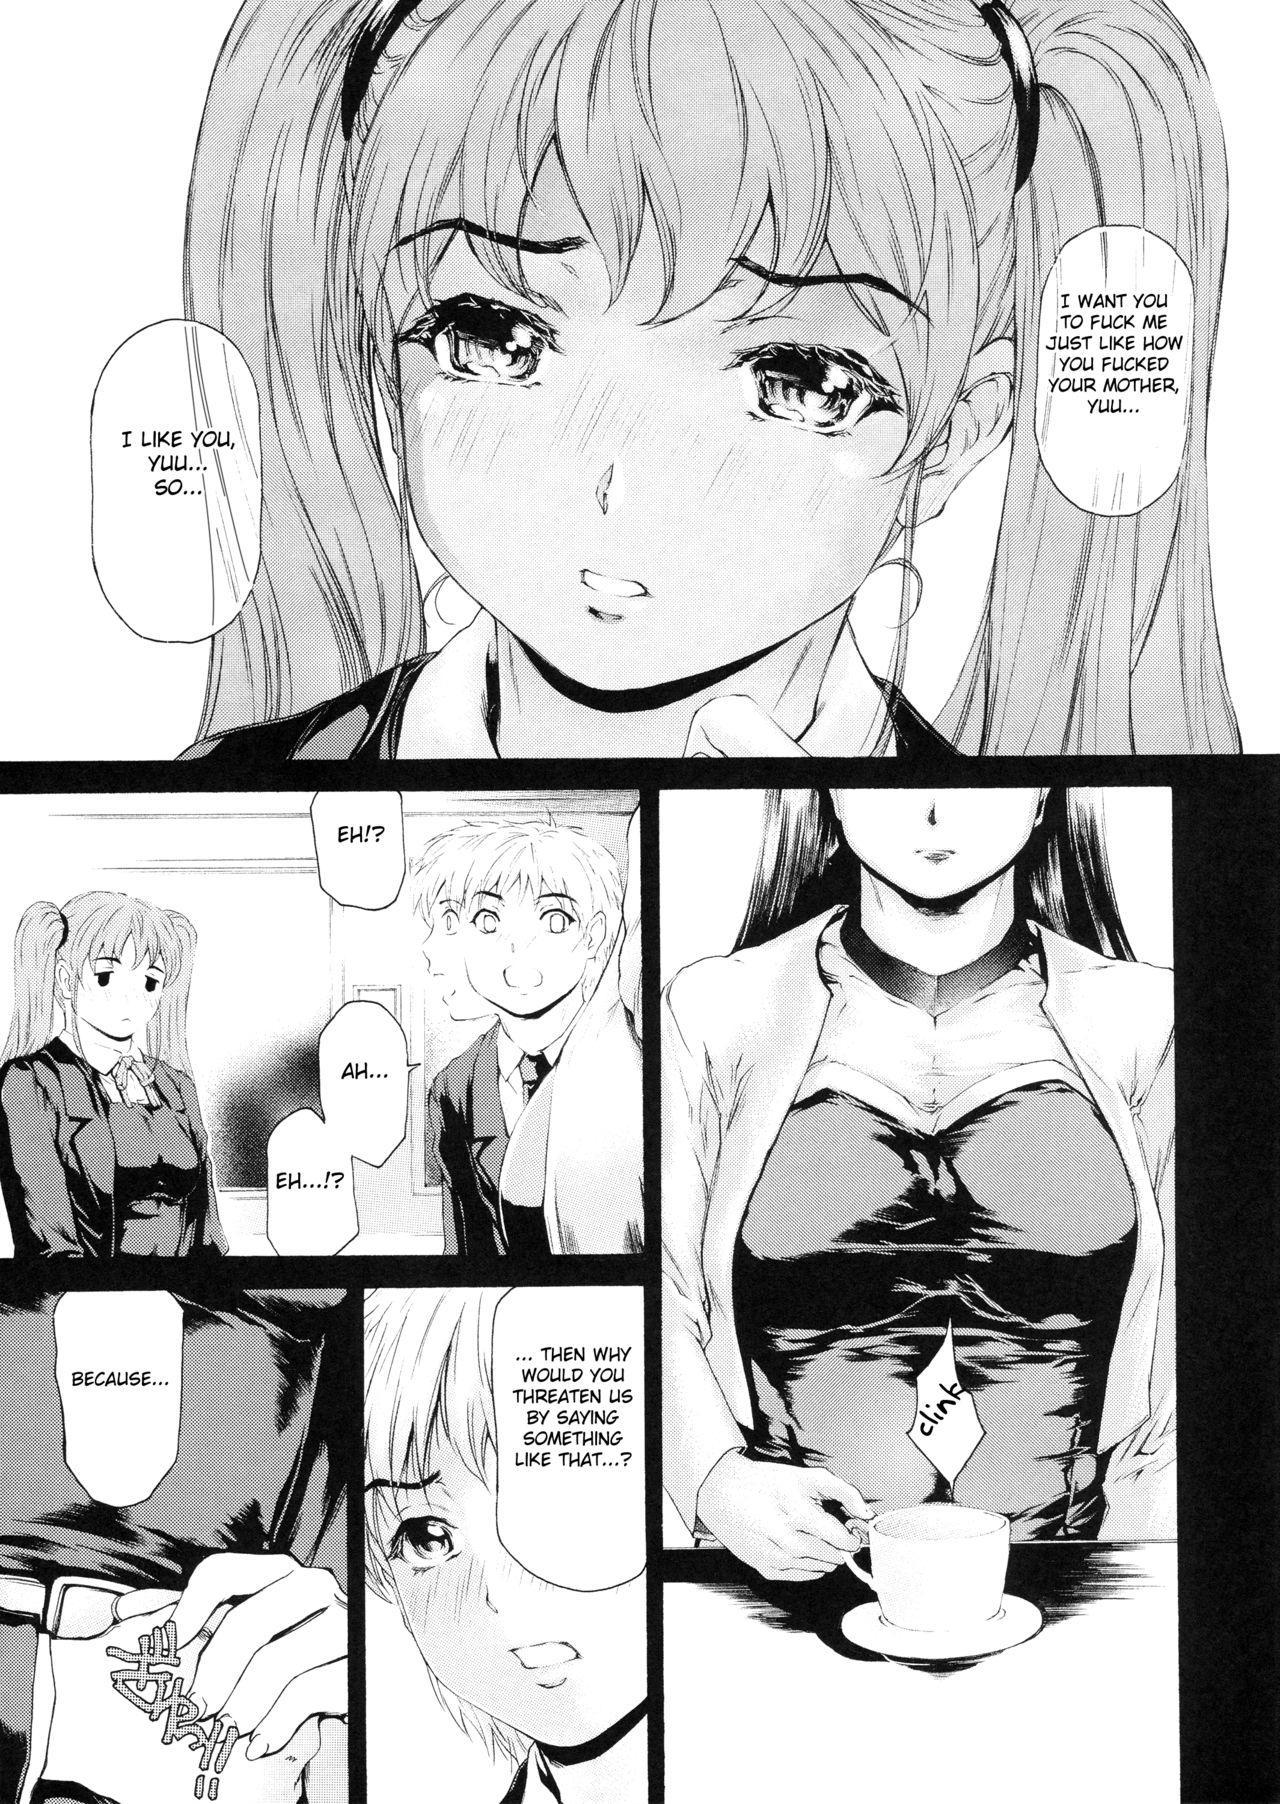 [Subesube 1kg (Narita Kyousha)] 9-Ji Kara 5-ji Made no Koibito Dai 11 wa - Nine to Five Lover [English] [Fated Circle] 4